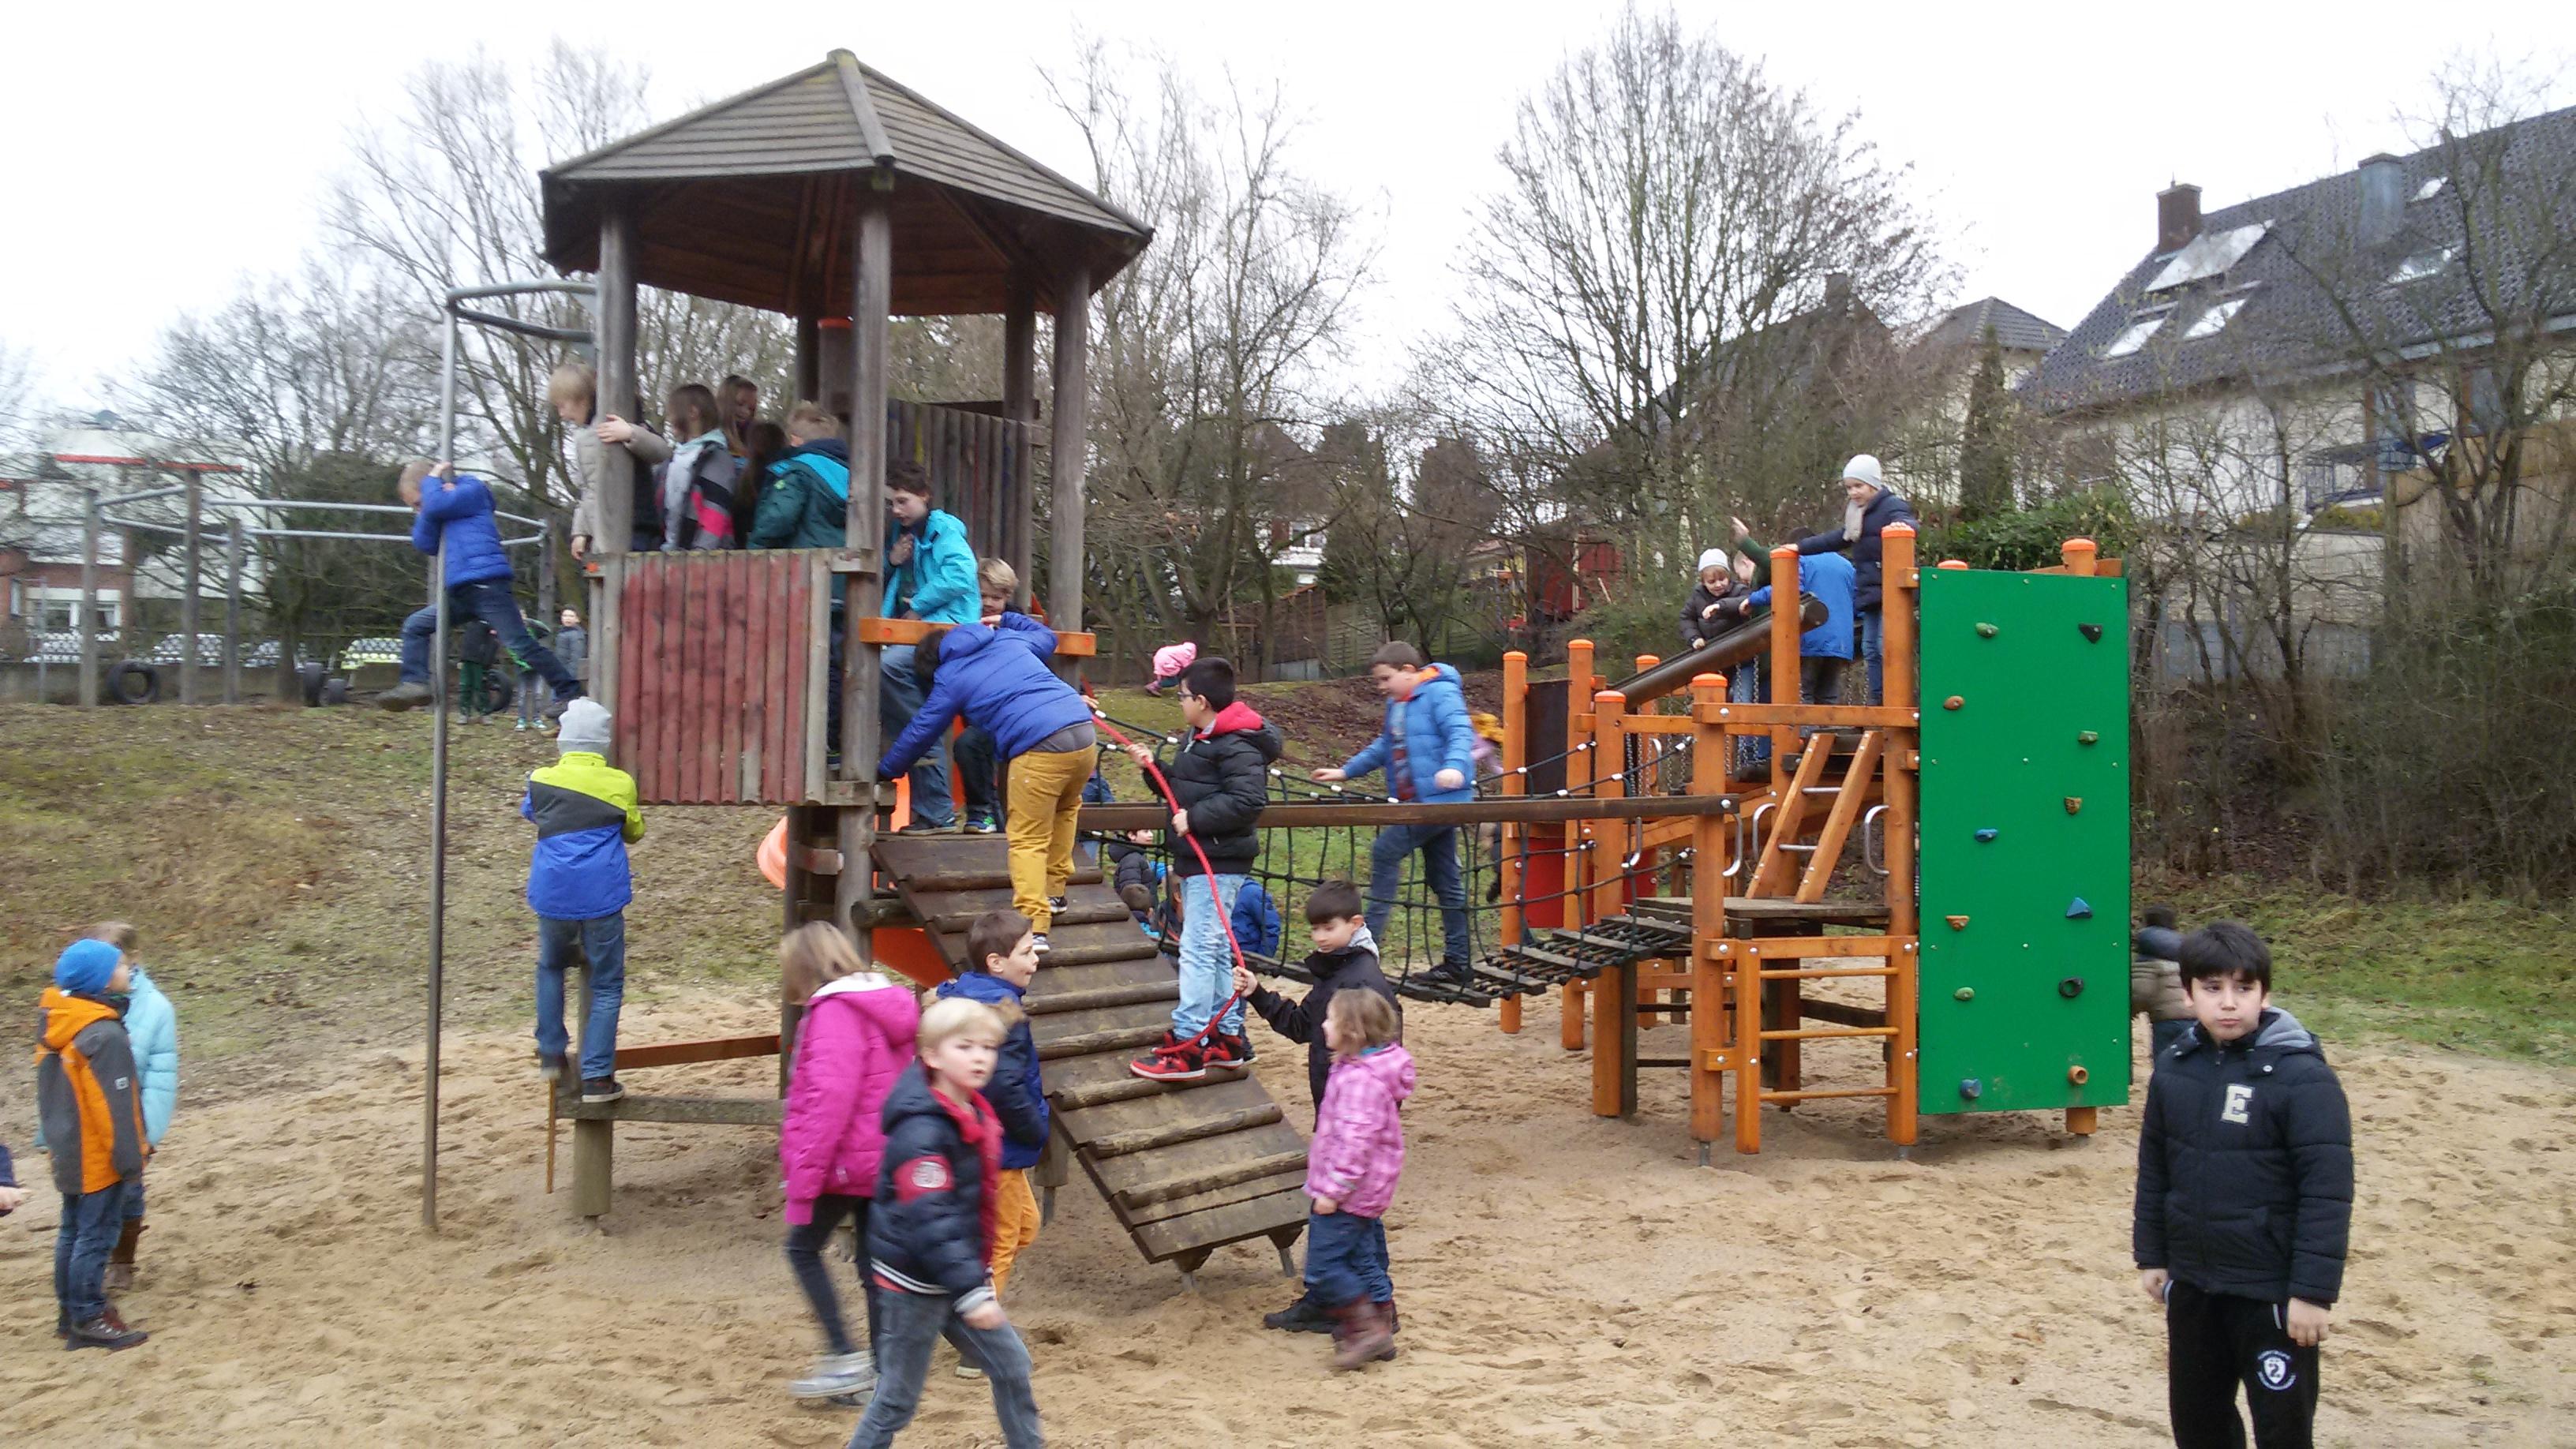 Klettergerüst Auf Englisch : Klettergerüst erich kästner grundschule bonn kessenich